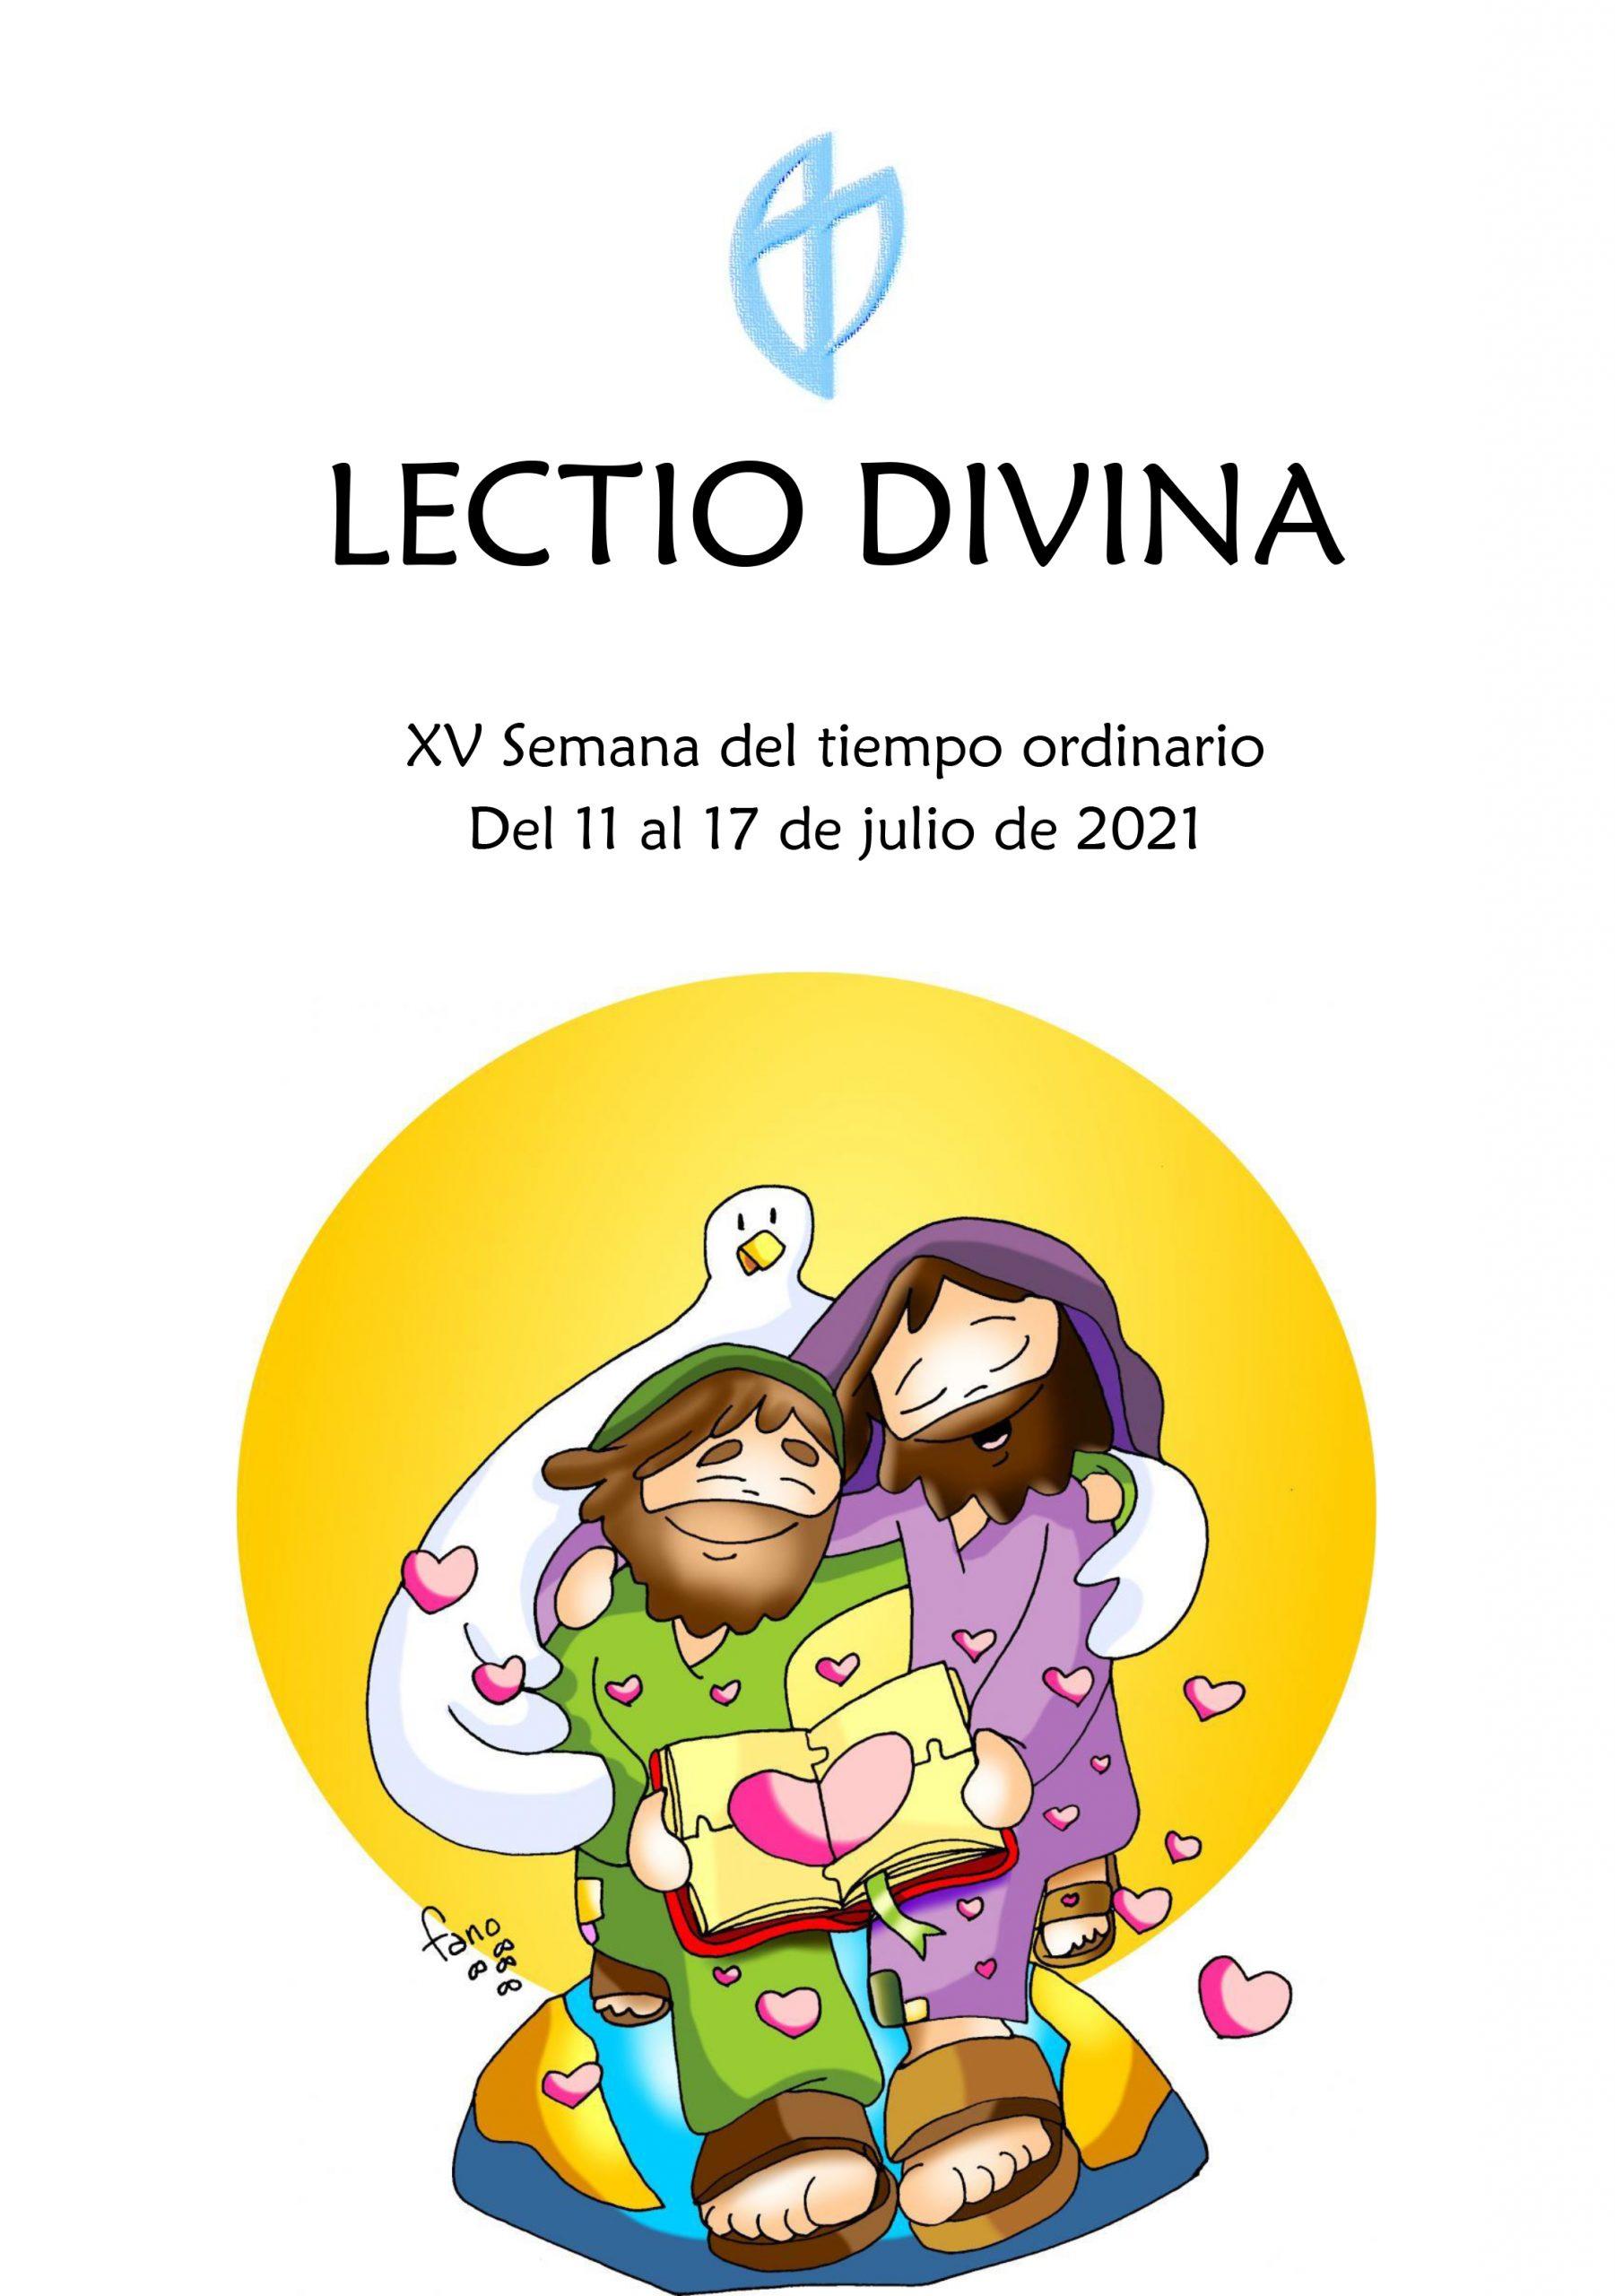 XV Semana del Tiempo Ordinario (del 11 al 17 de julio de 2021)